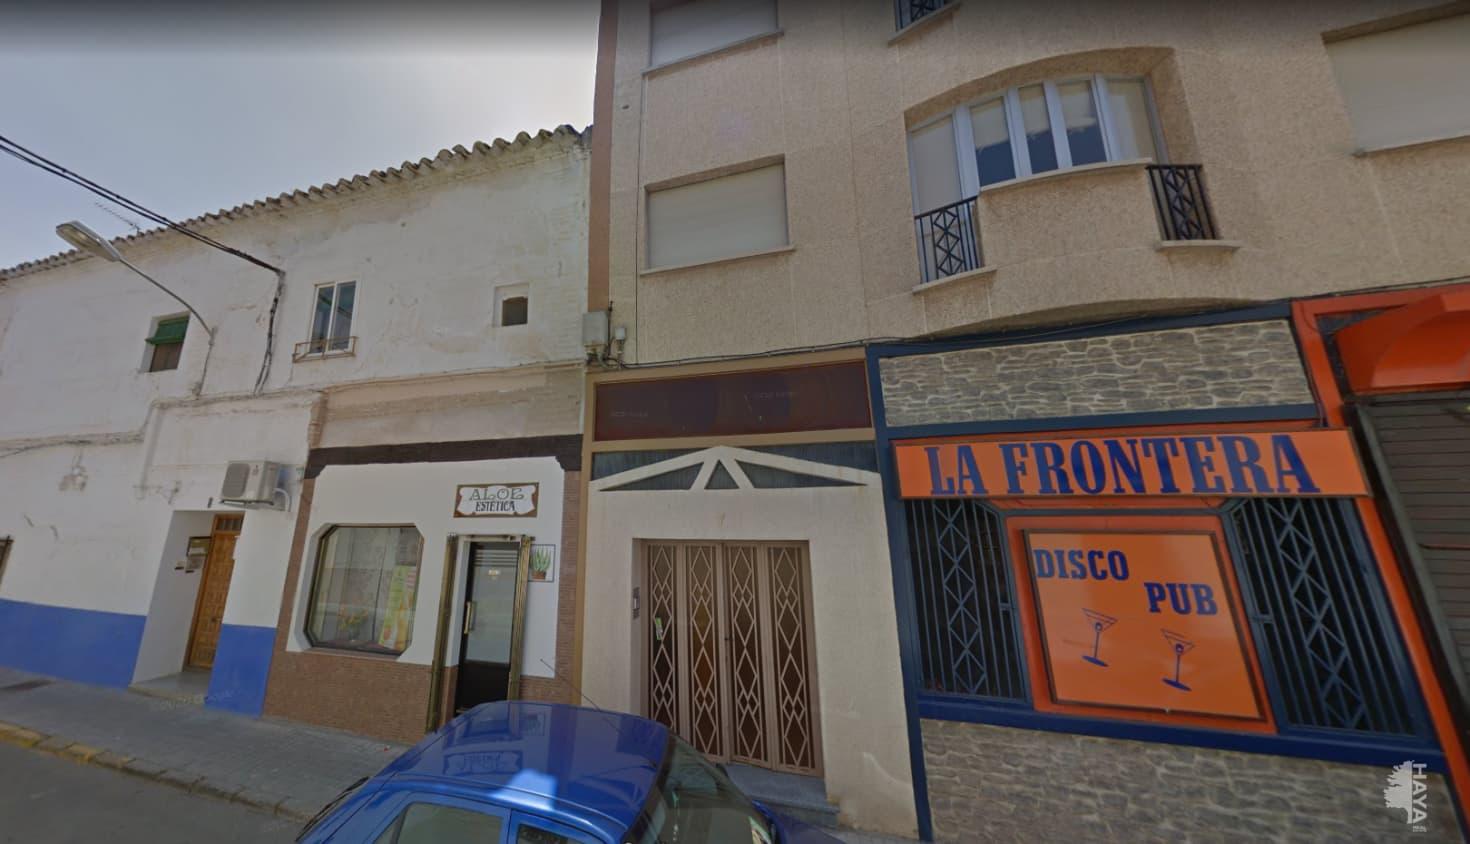 Local en venta en Membrilla, Ciudad Real, Calle Almagro, 140.375 €, 300 m2